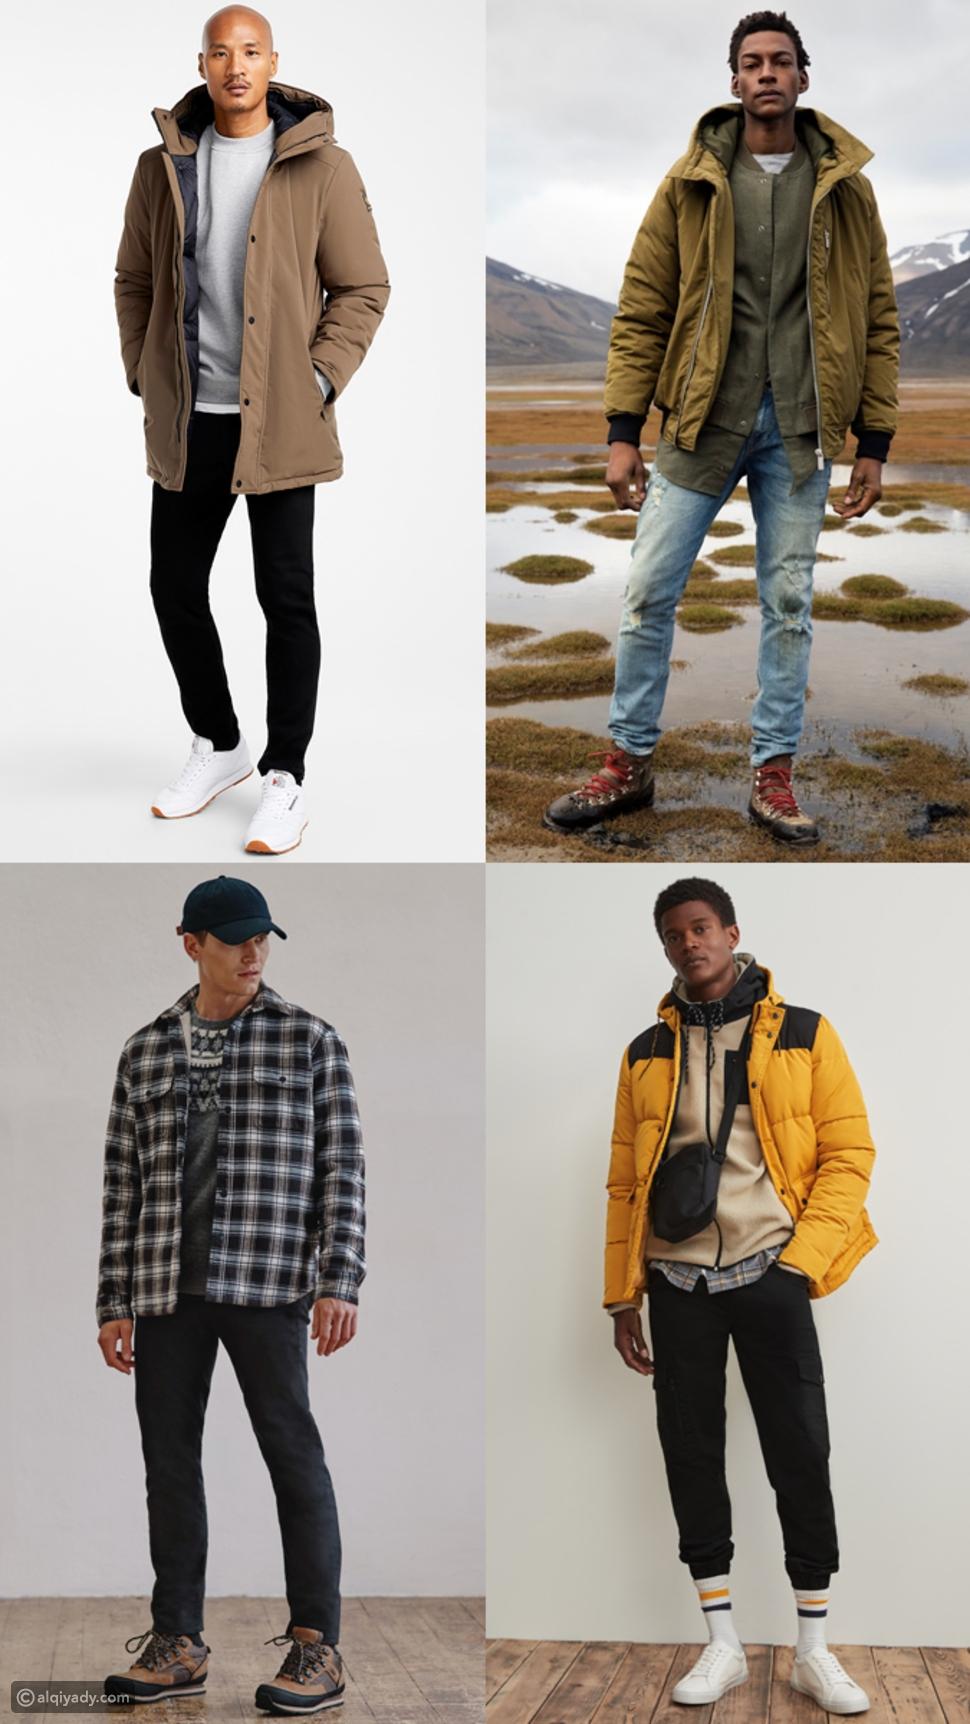 في العام الجديد: ماذا عليك أن ترتدي في شهر يناير؟